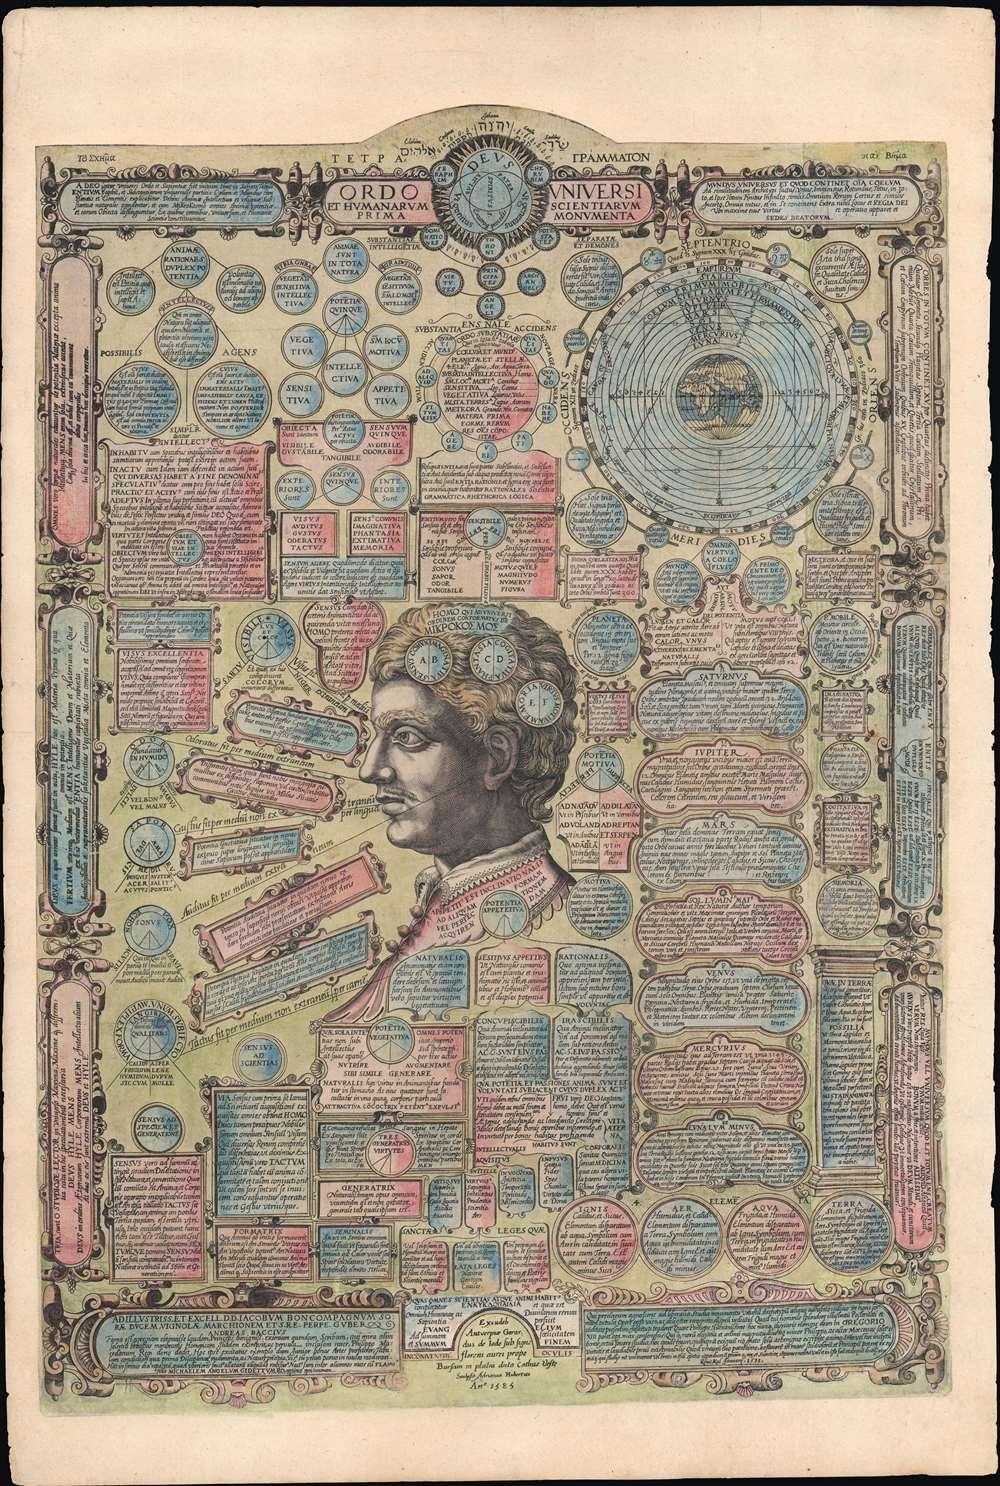 1585 De Jode Broadside of Humanist Cosmography